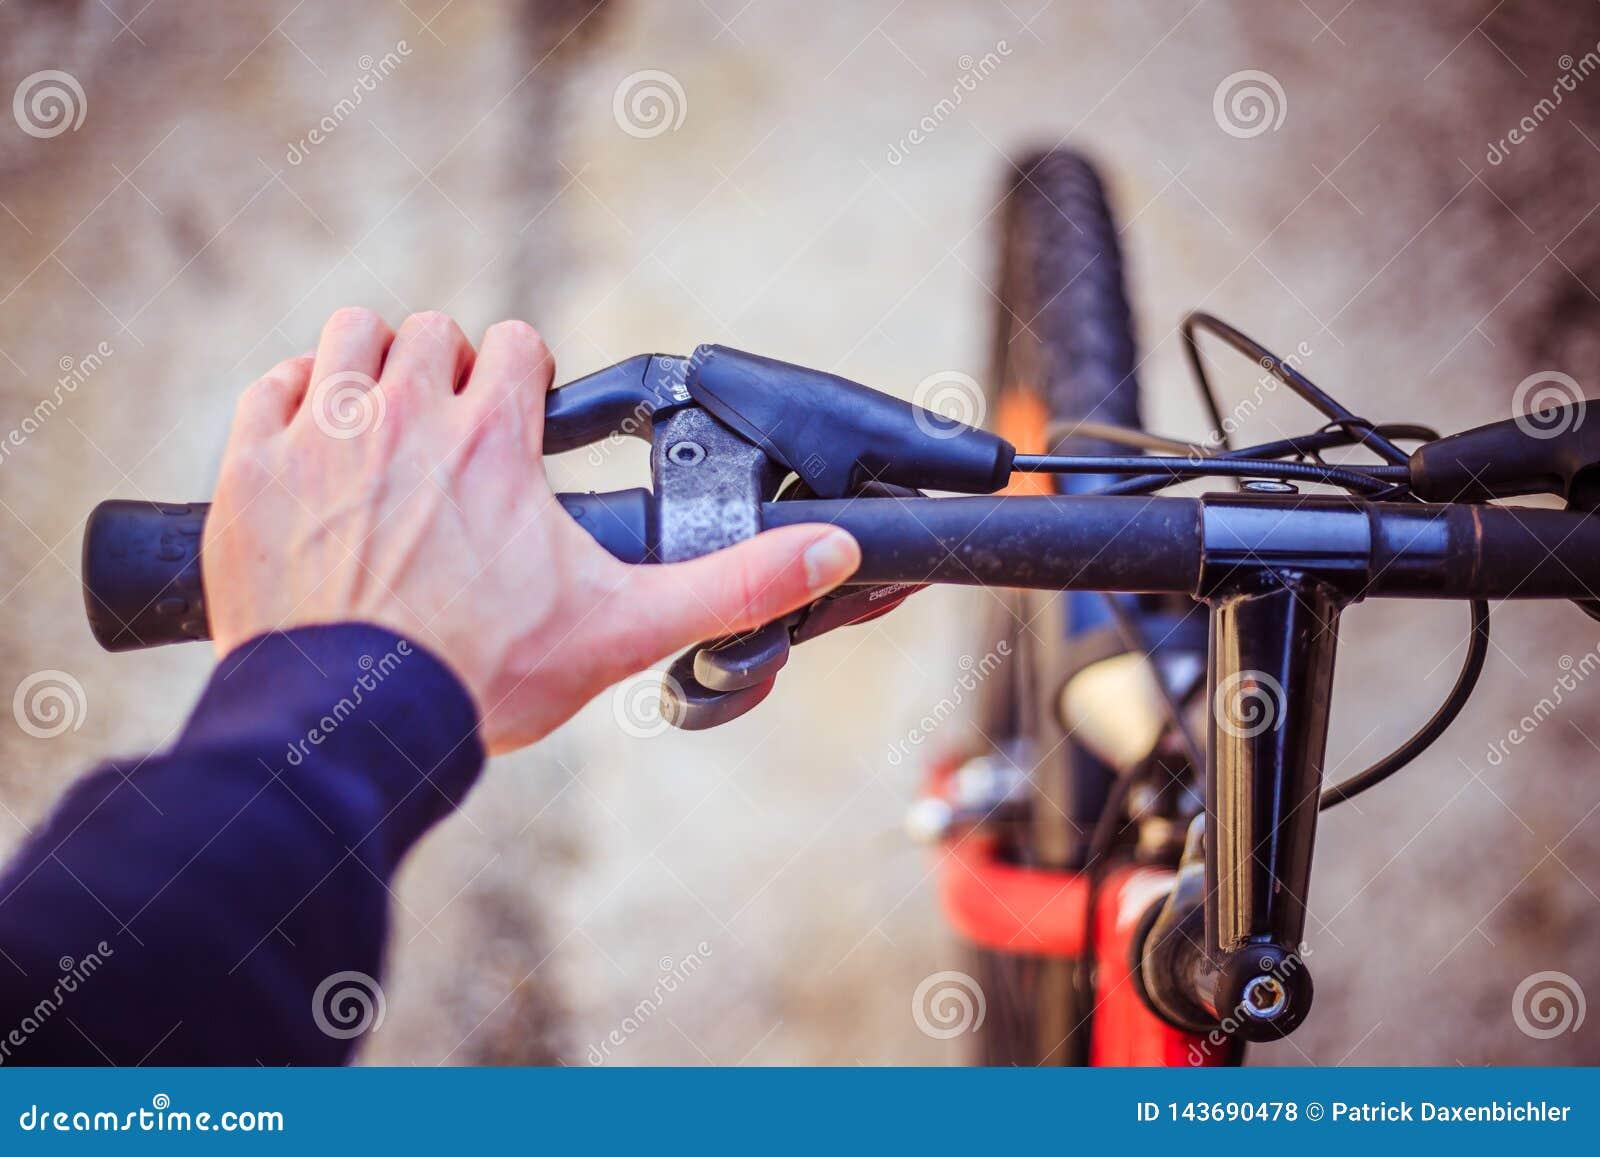 骑自行车把手和断裂,自行车修理,被弄脏的背景